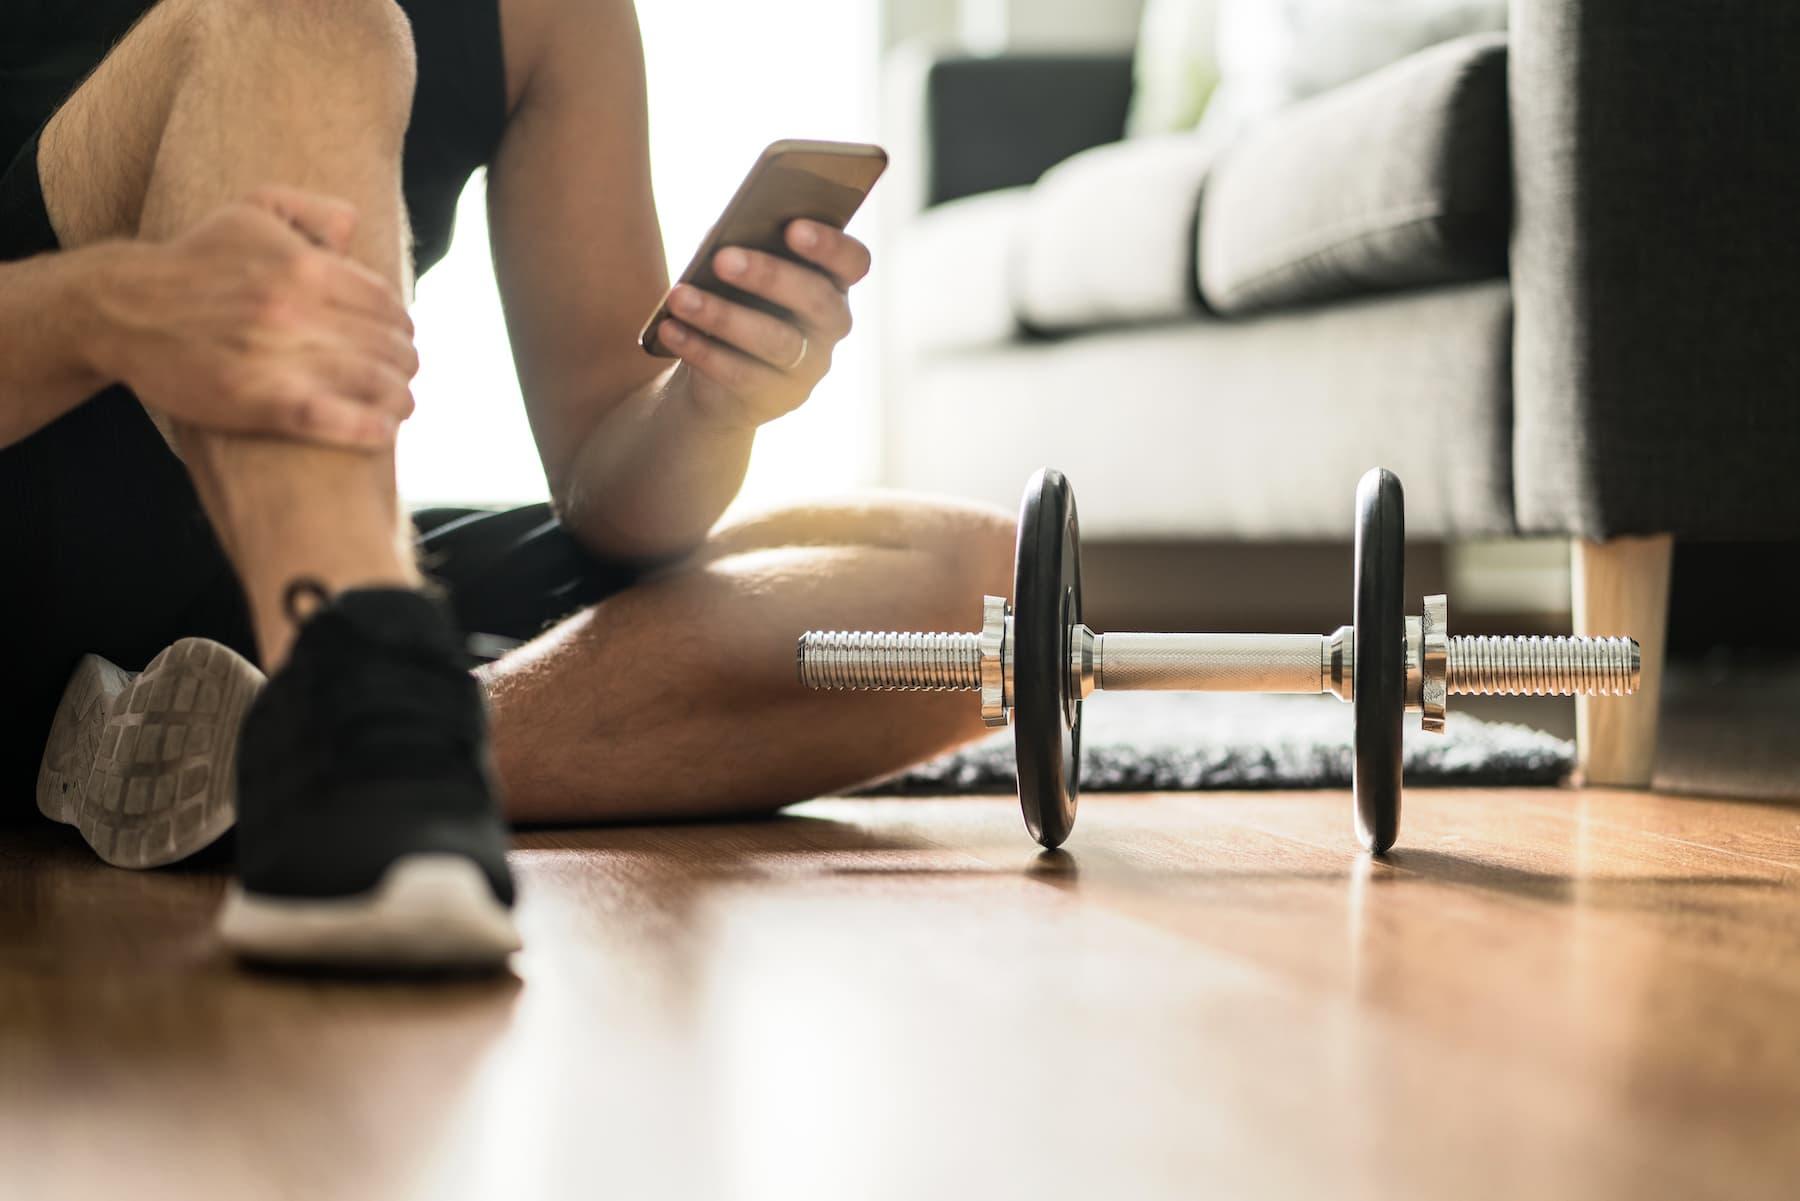 Ćwiczenia rano czy wieczorem?